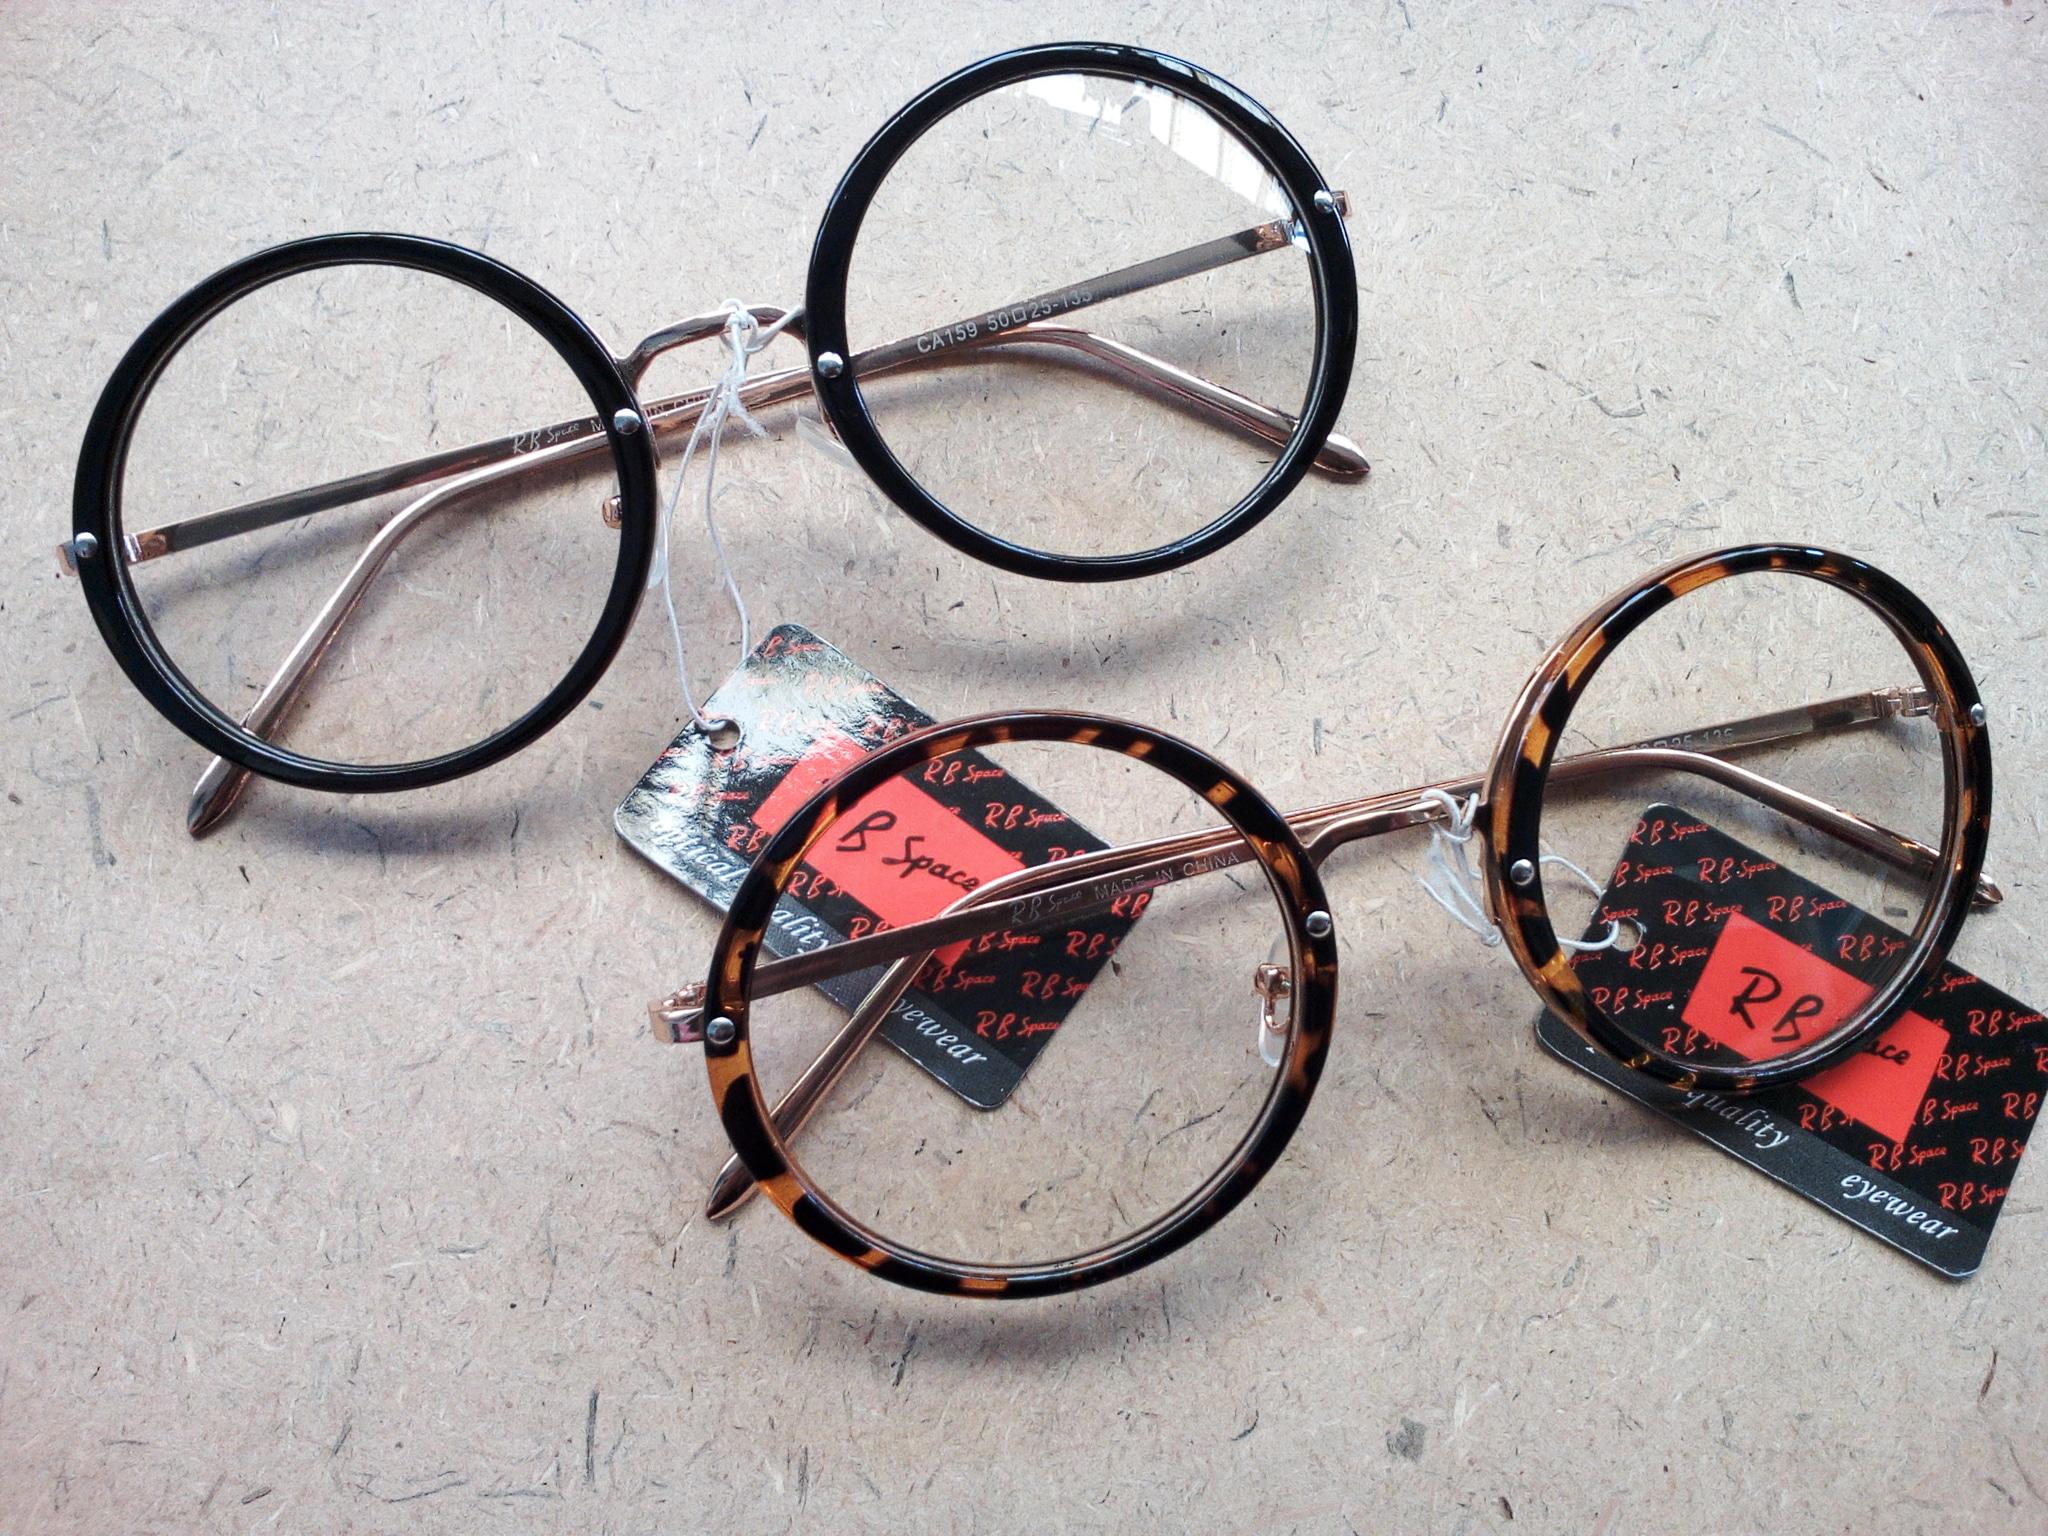 Jual Kacamata Bulat Lingkaran Frame Tebal Corak Pria Wanita Murah ... 228b021065